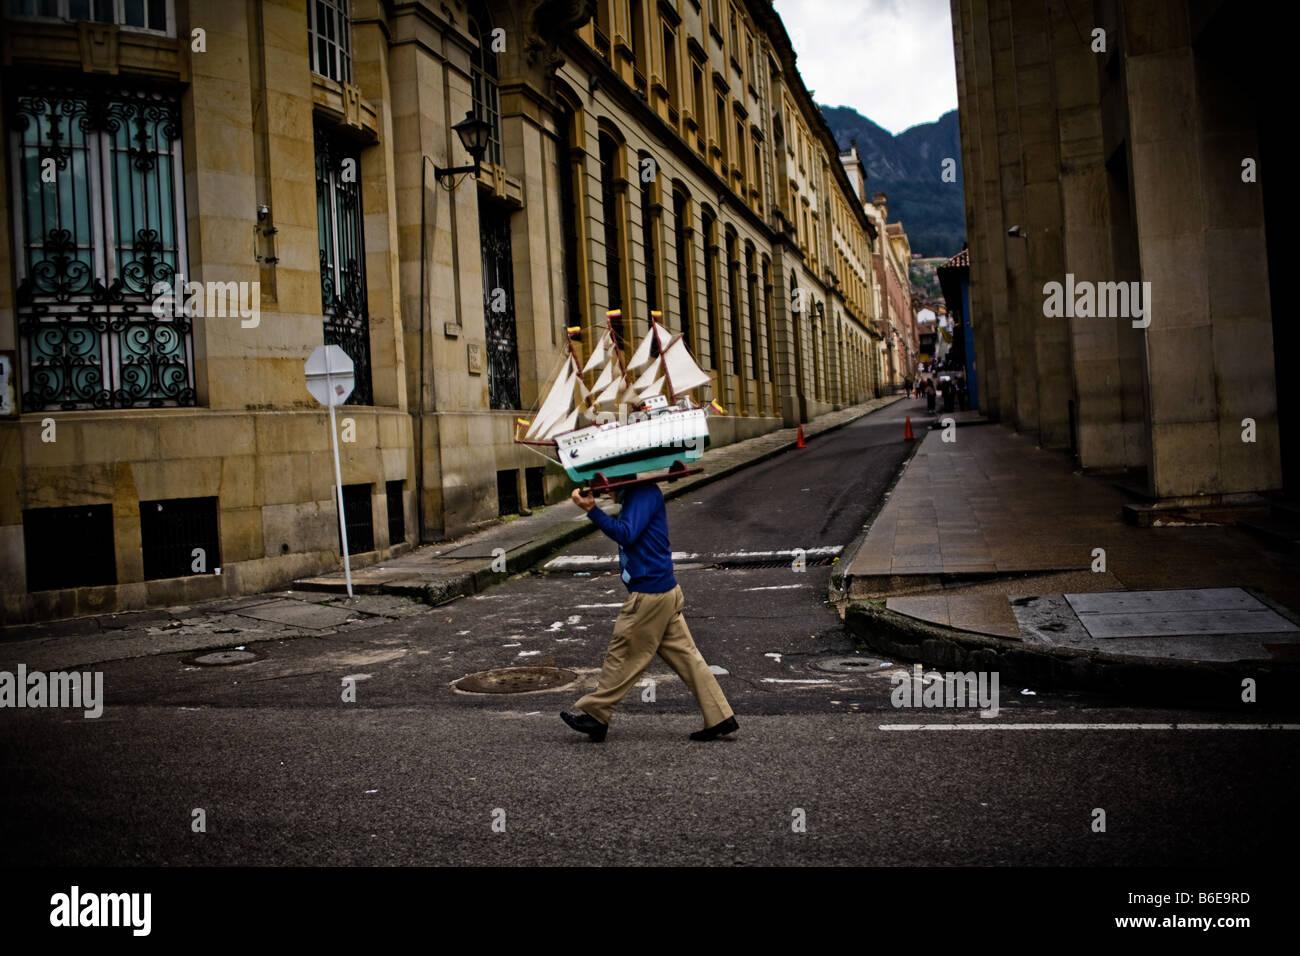 Un homme porte un modèle voilier dans une rue de Bogota, Colombie. Photo Stock